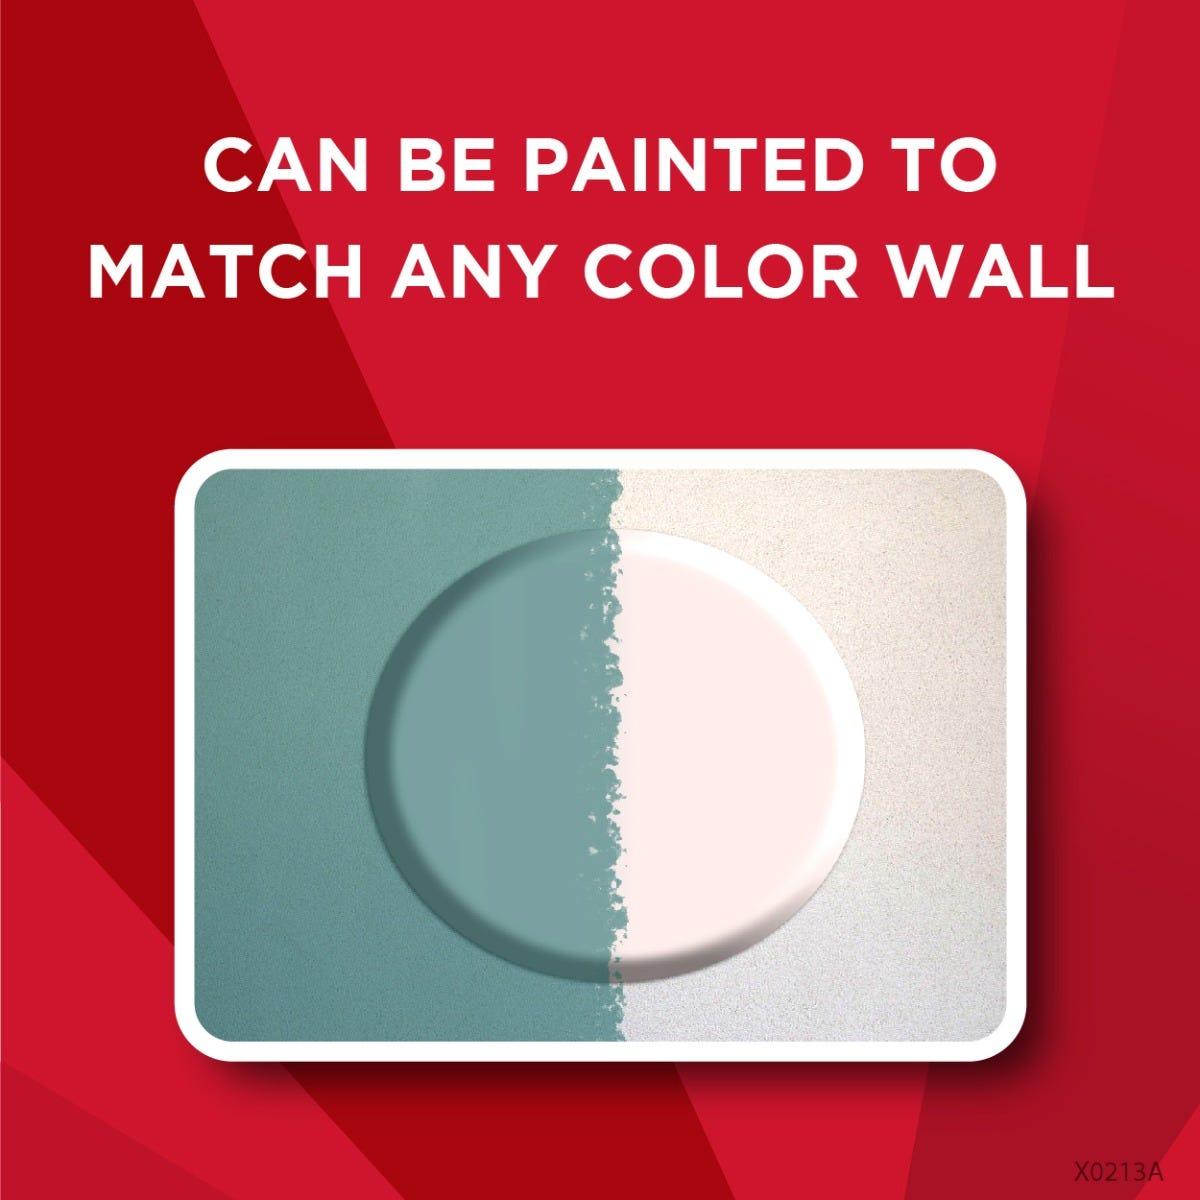 Paintable door knob blocker